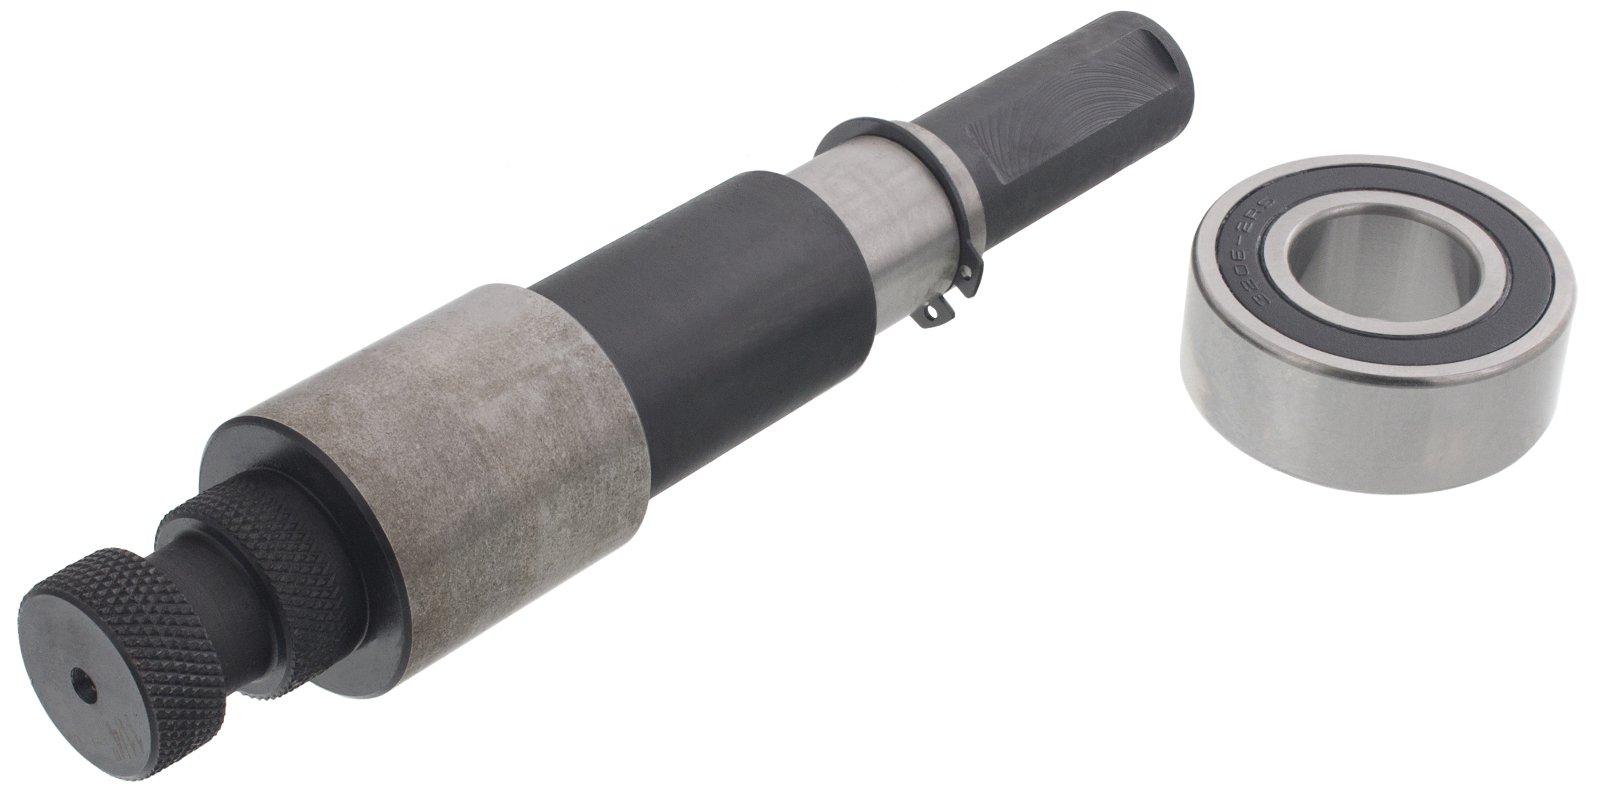 Steel Dragon Tools 45397 Roll Drive Shaft 1-1/4''- 6'' fits RIDGID 916 Roll Groover